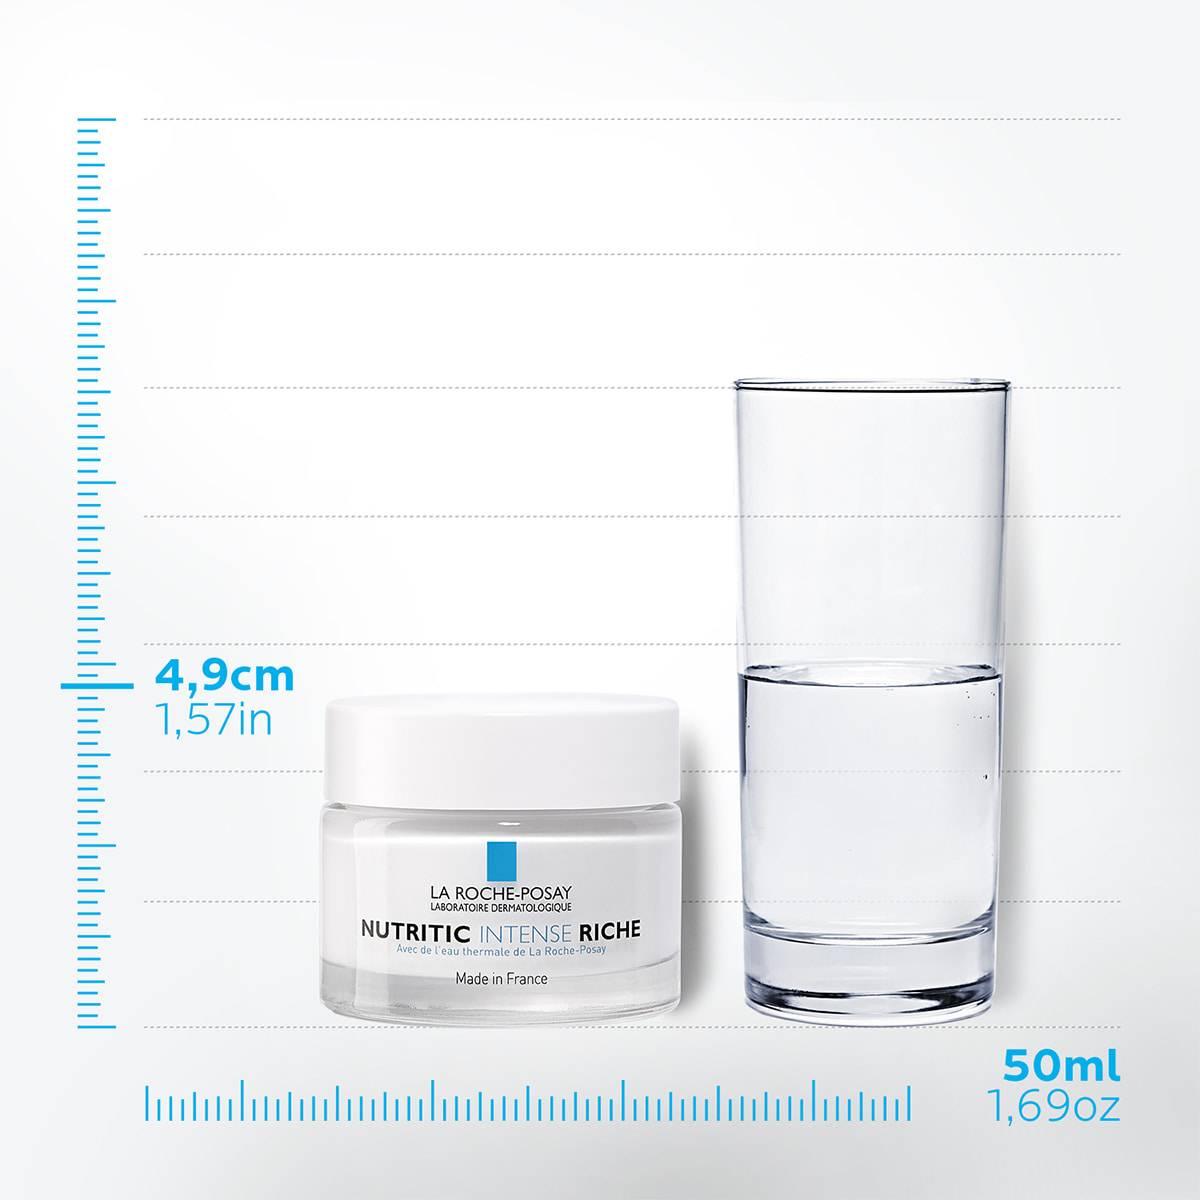 La Roche Posay ProductPage Face Care Nutritic Intense Rich Cream 50ml